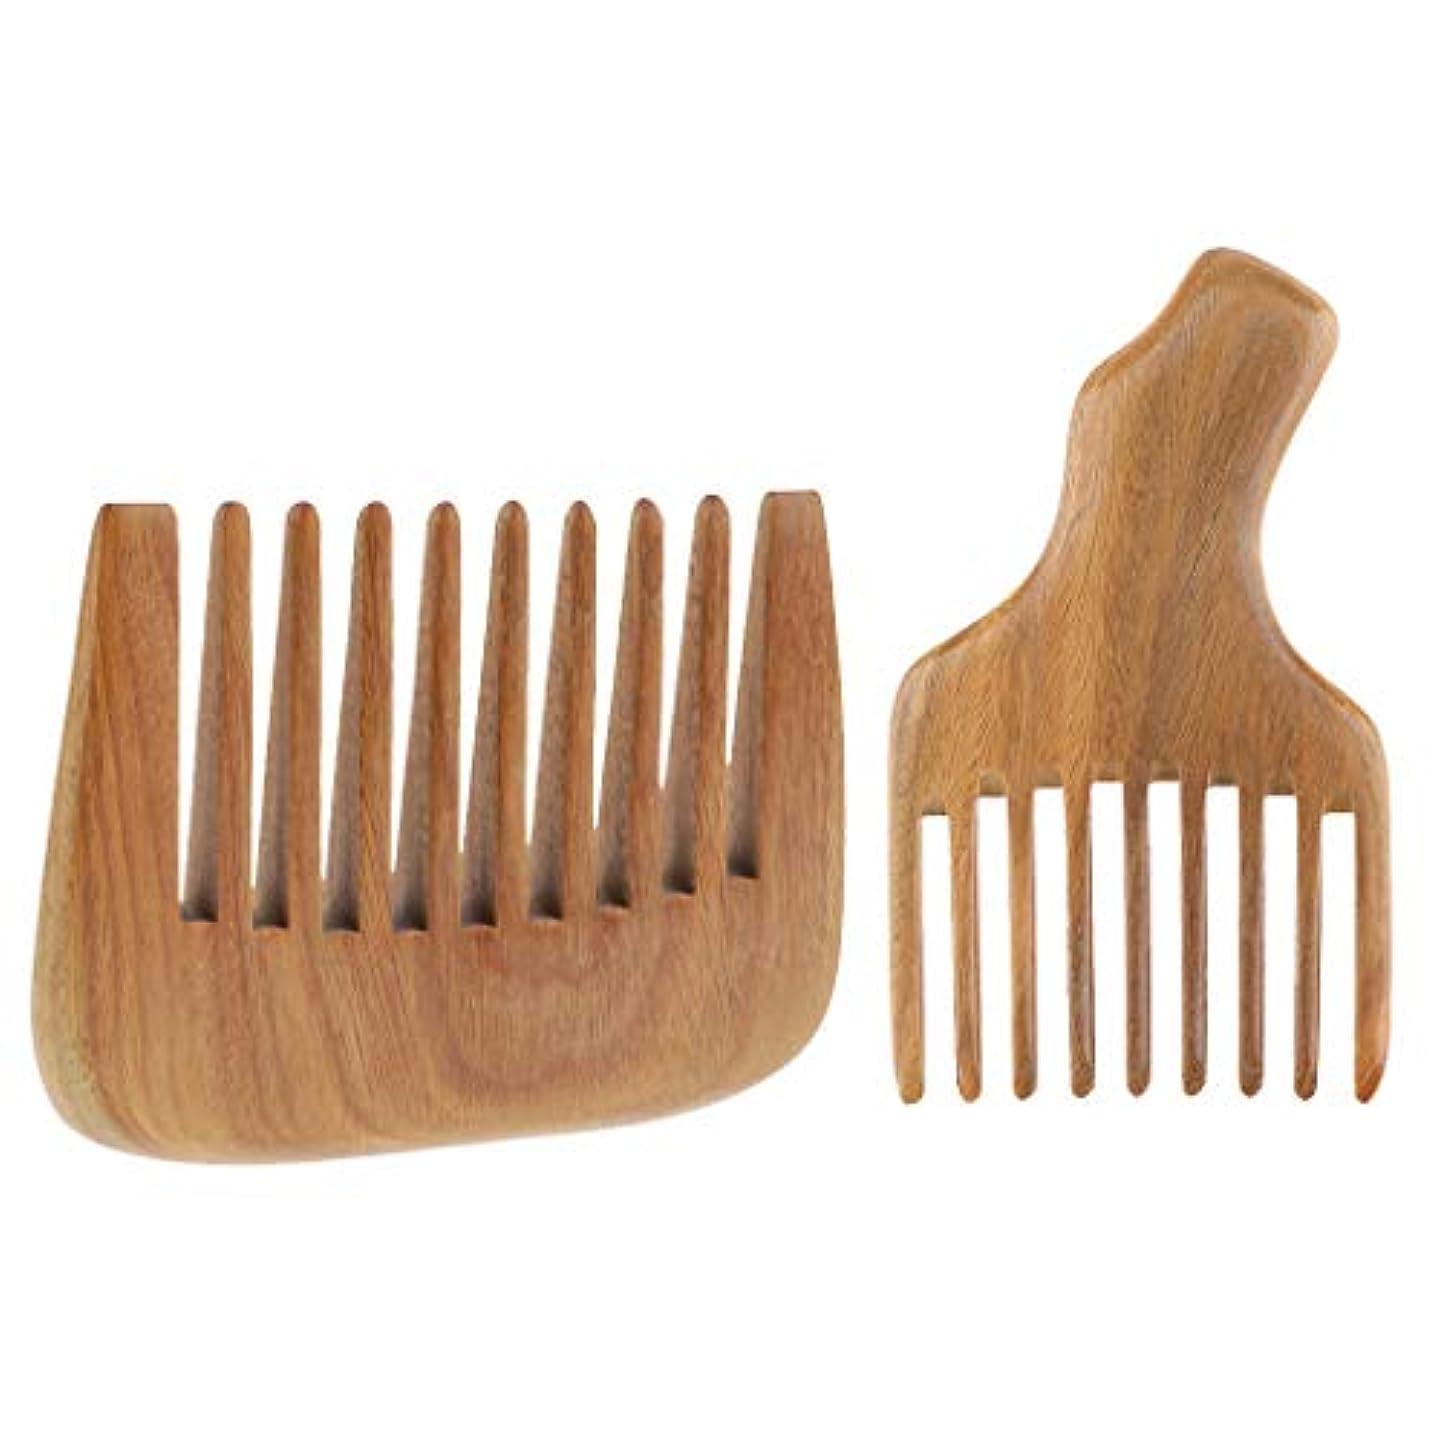 スロベニア選択いいね2個 木製櫛 ウッドコーム ワイド歯 静電気防止 櫛 くし 高品質